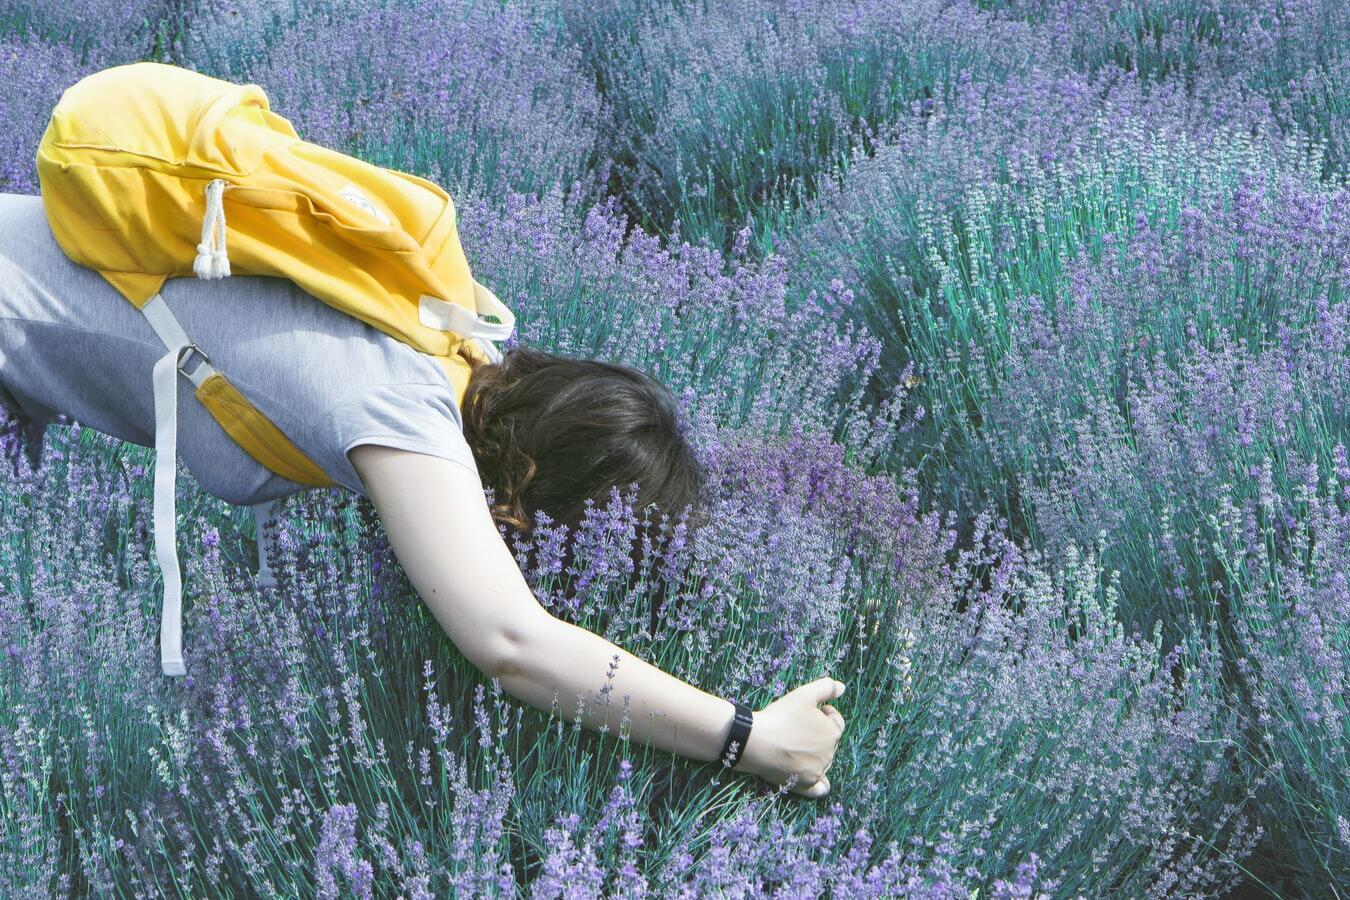 Person Smelling Lavender Plant